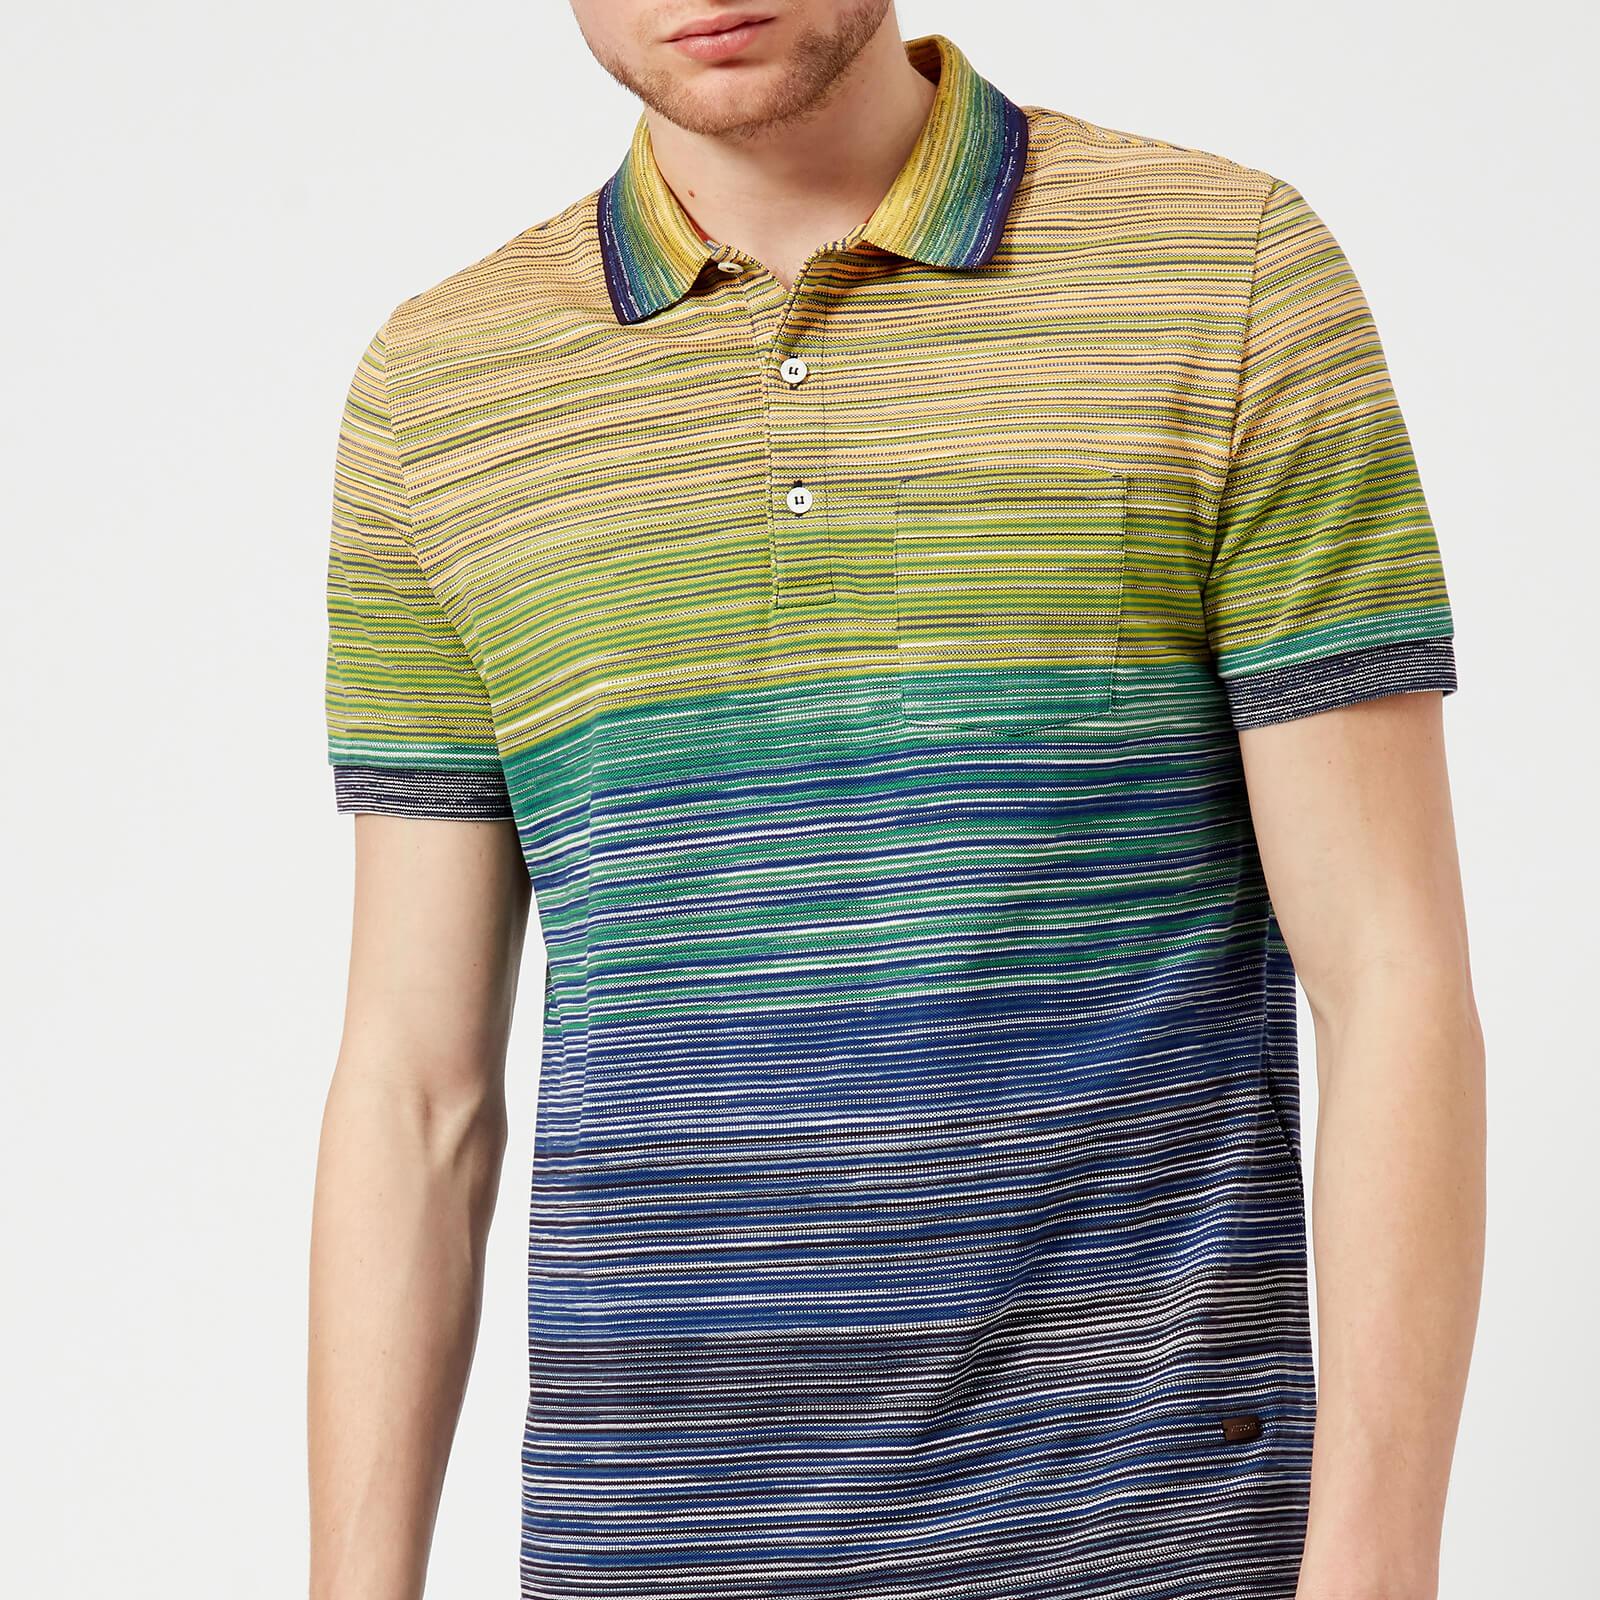 c723c9b3912a Missoni Men's Multi Stripe Classic Polo Shirt - Multi - Free UK Delivery  over £50